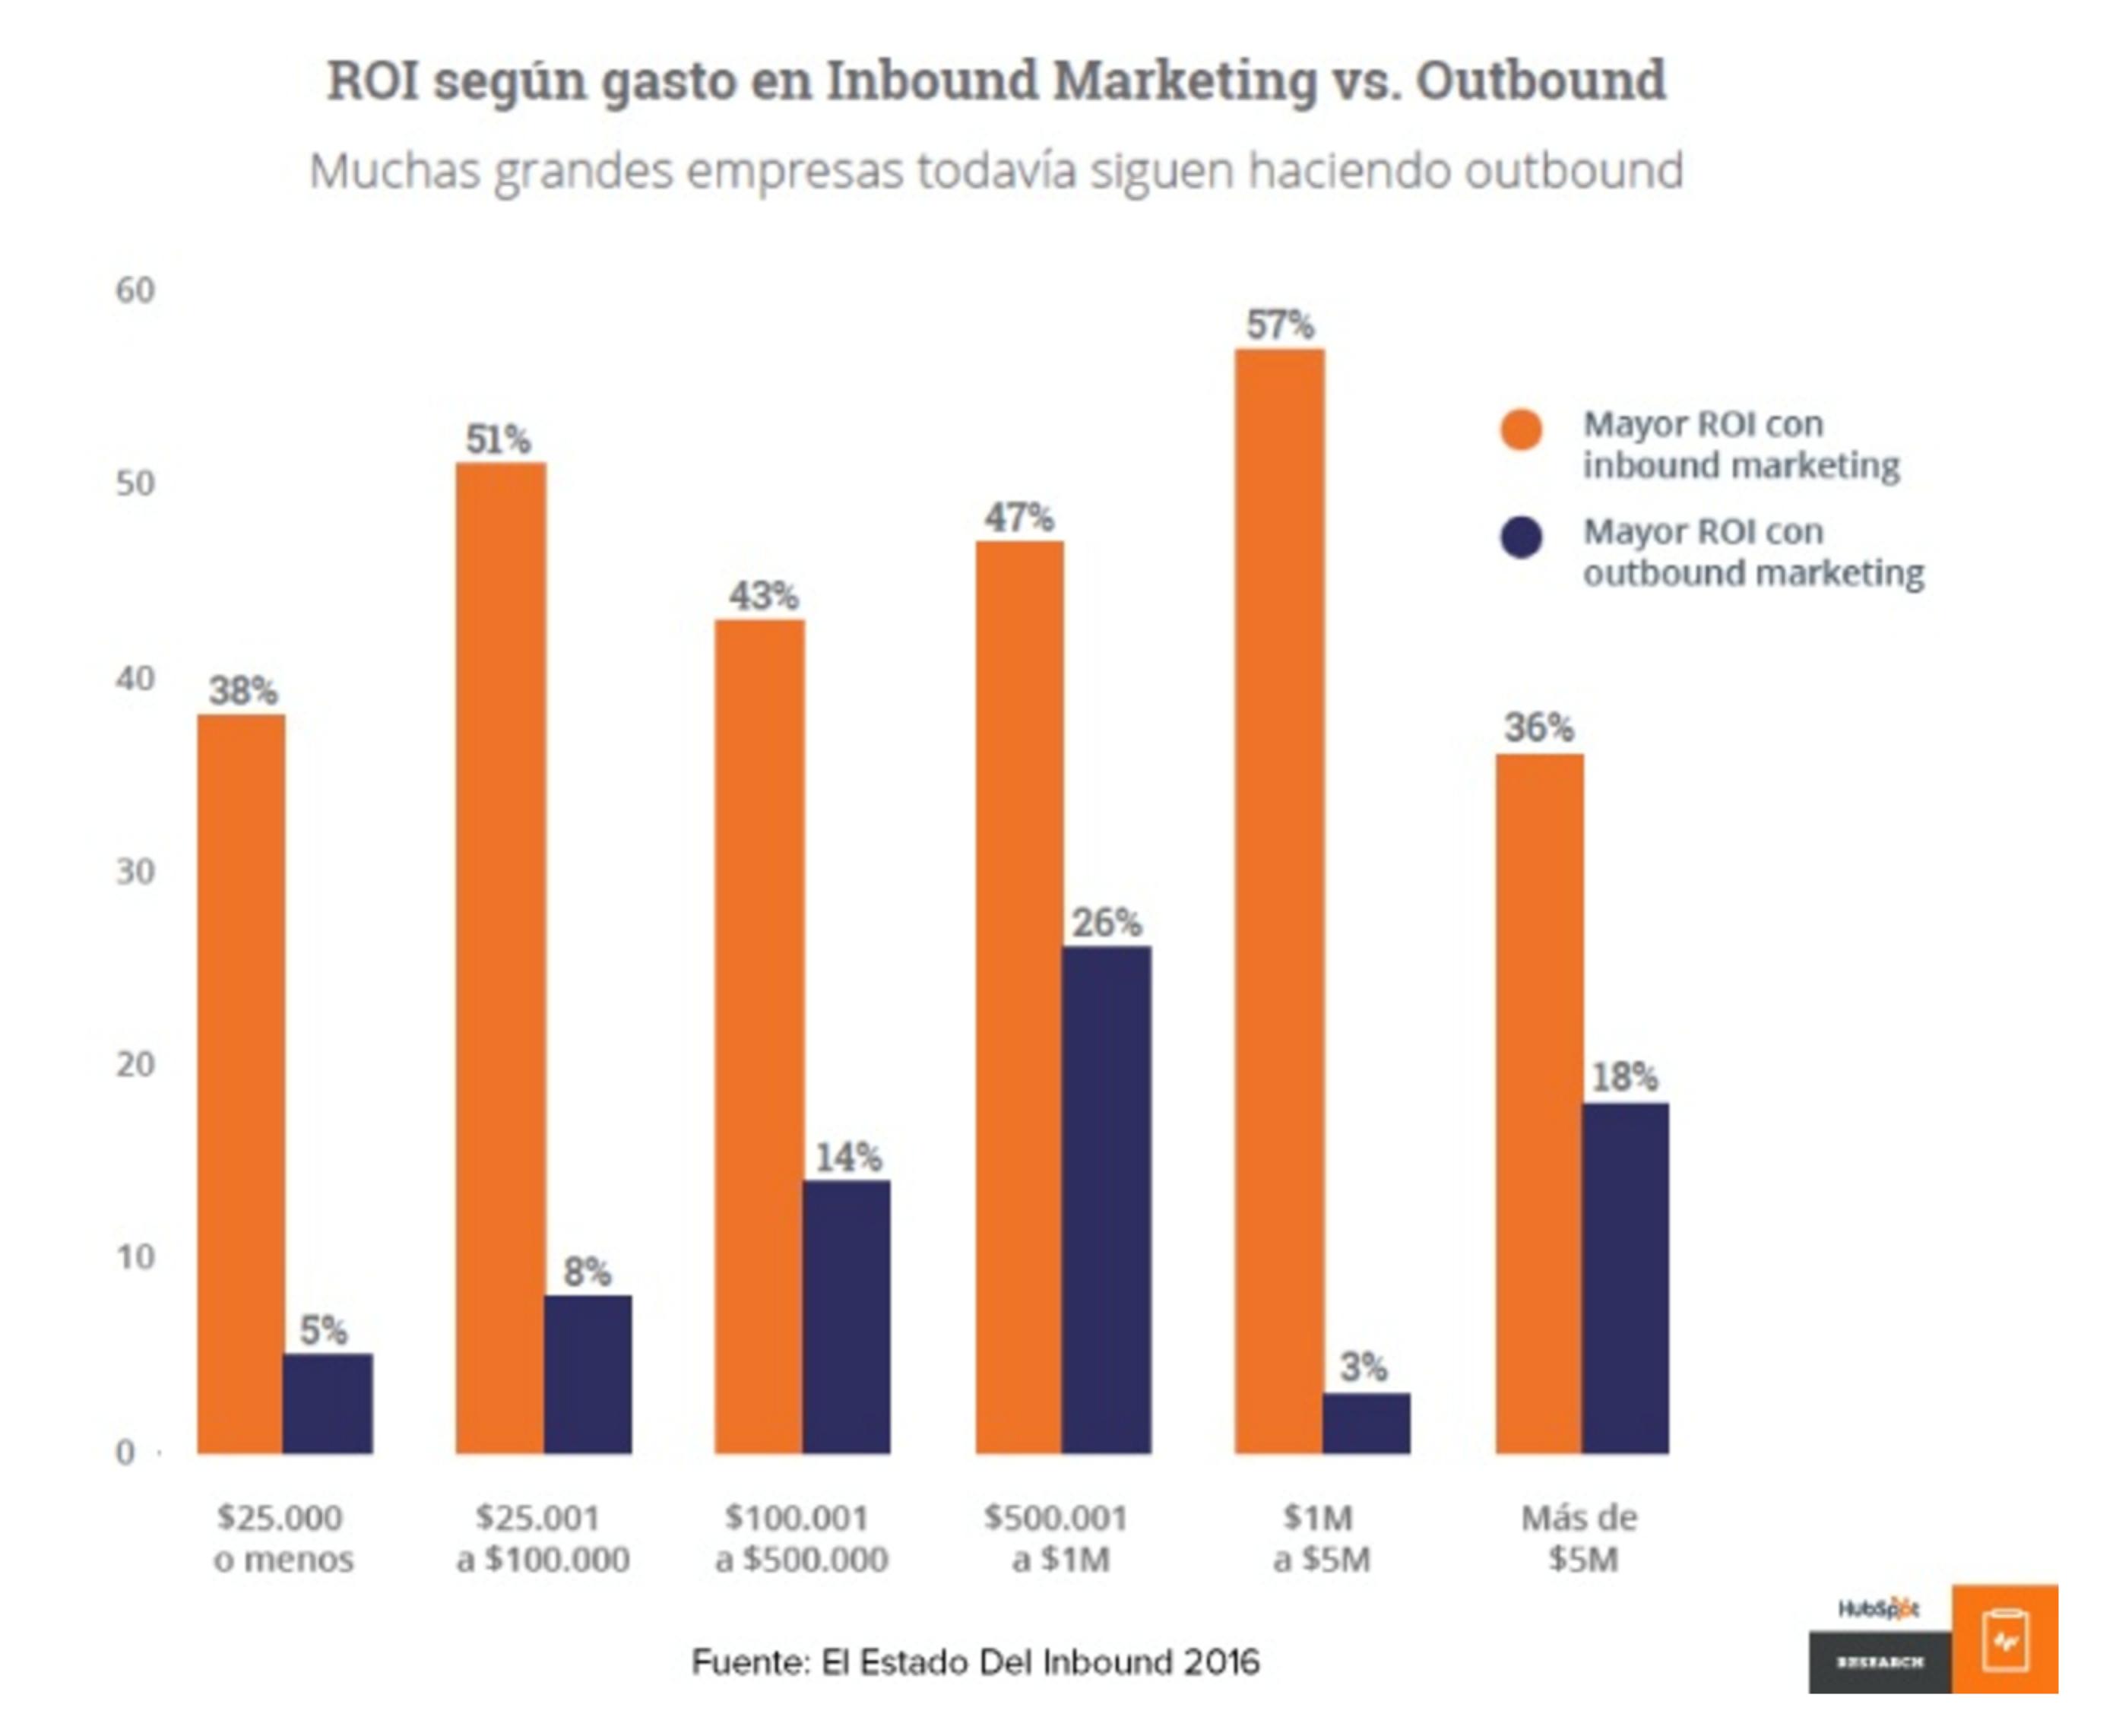 roi-inbound-marketing.png